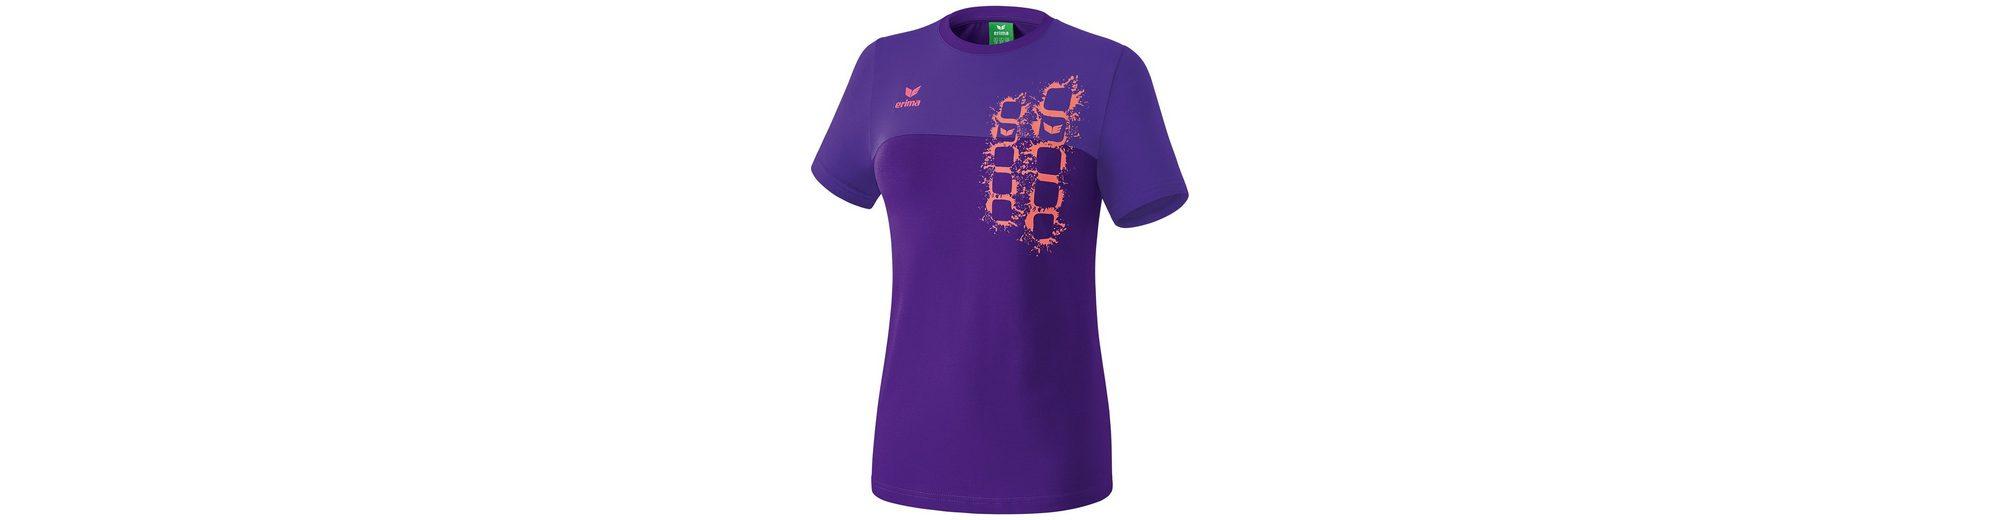 Spielraum Shop Online-Verkauf ERIMA Graffic 5-C T-Shirt Damen Hohe Qualität Online Kaufen Rabatt Manchester Großer Verkauf Wie Viel L8QT6ZJ2